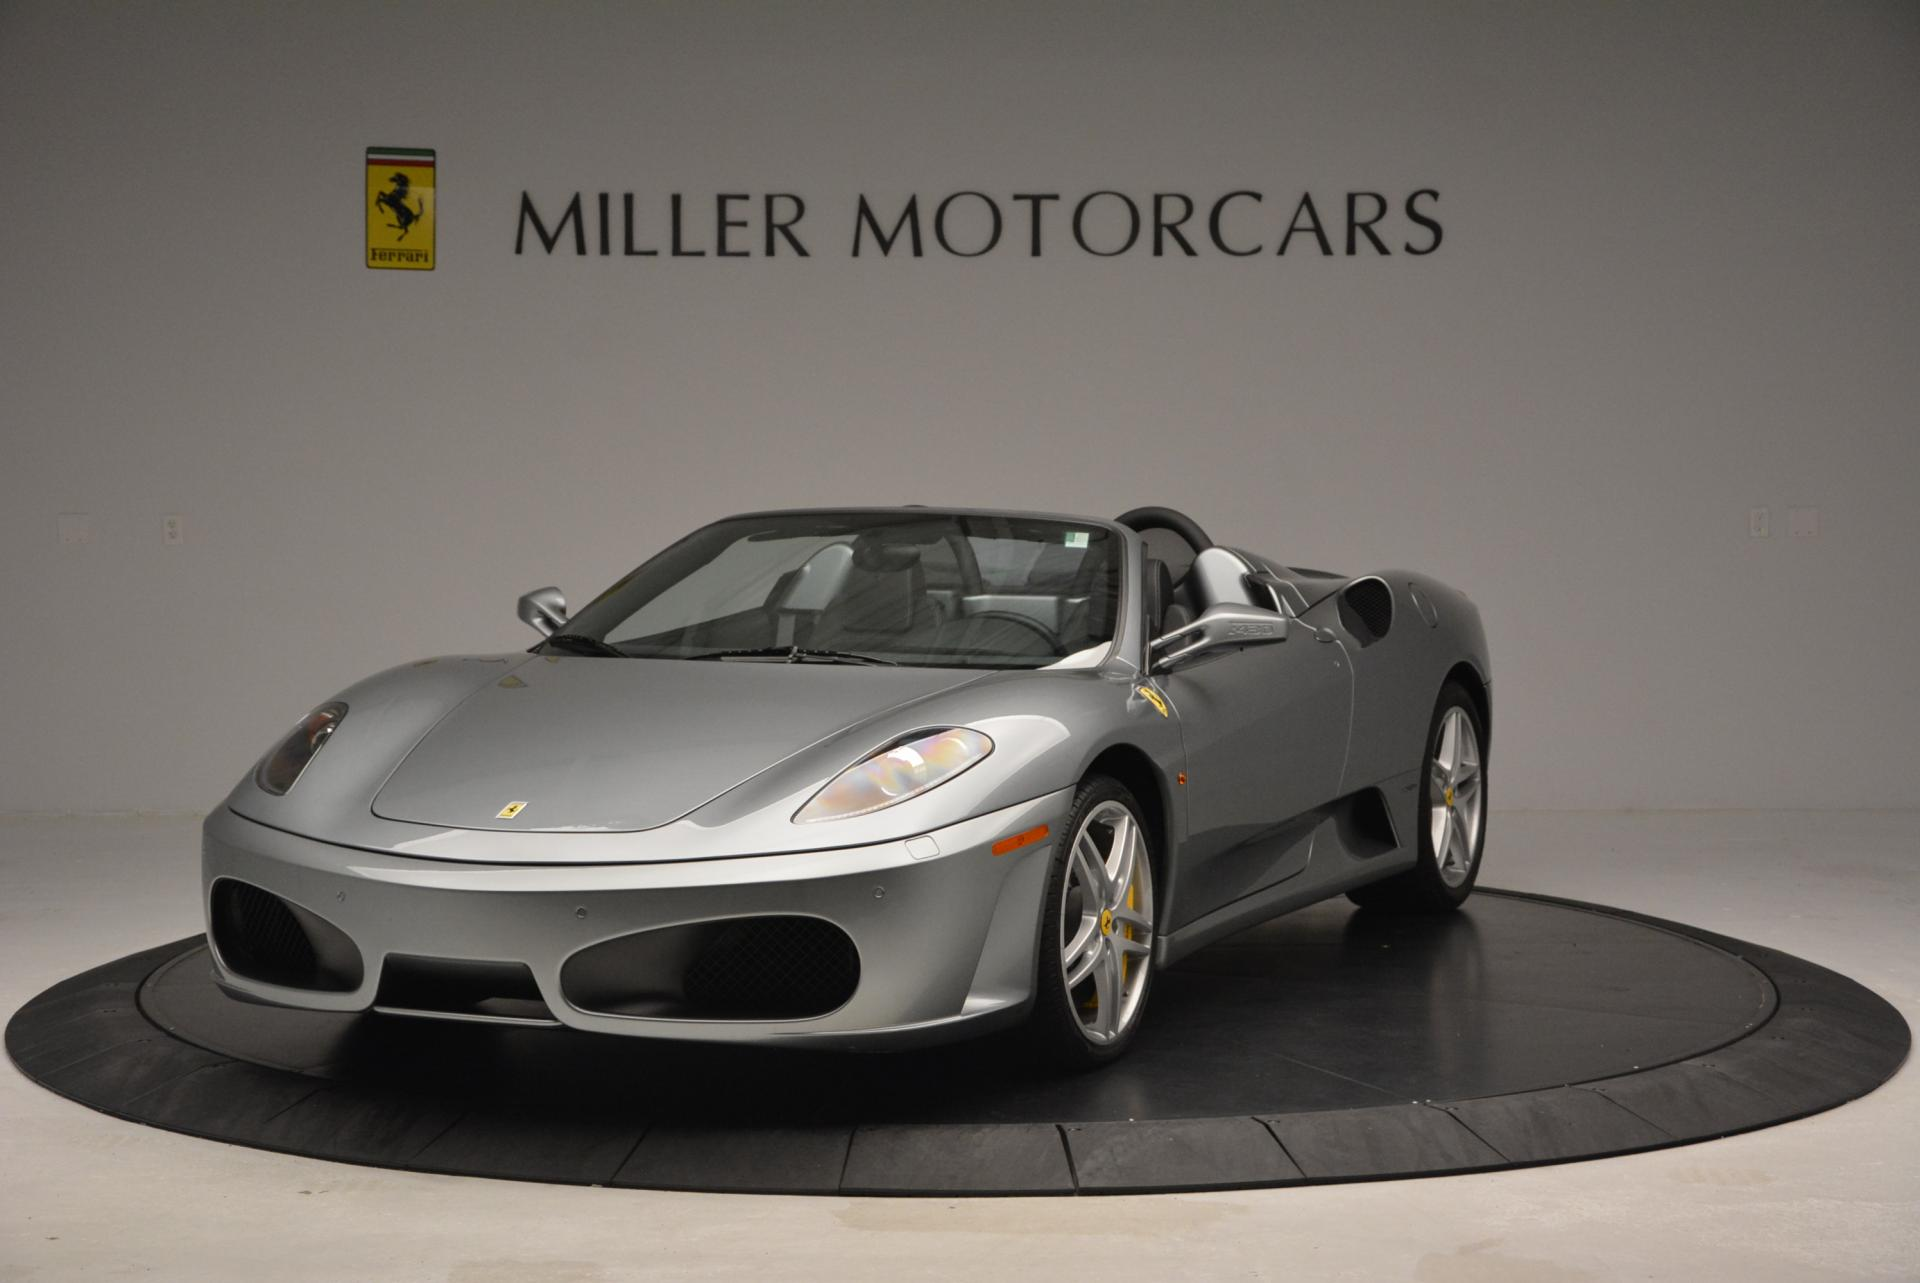 Used 2009 Ferrari F430 Spider F1 For Sale In Greenwich, CT. Alfa Romeo of Greenwich, 4243 131_main